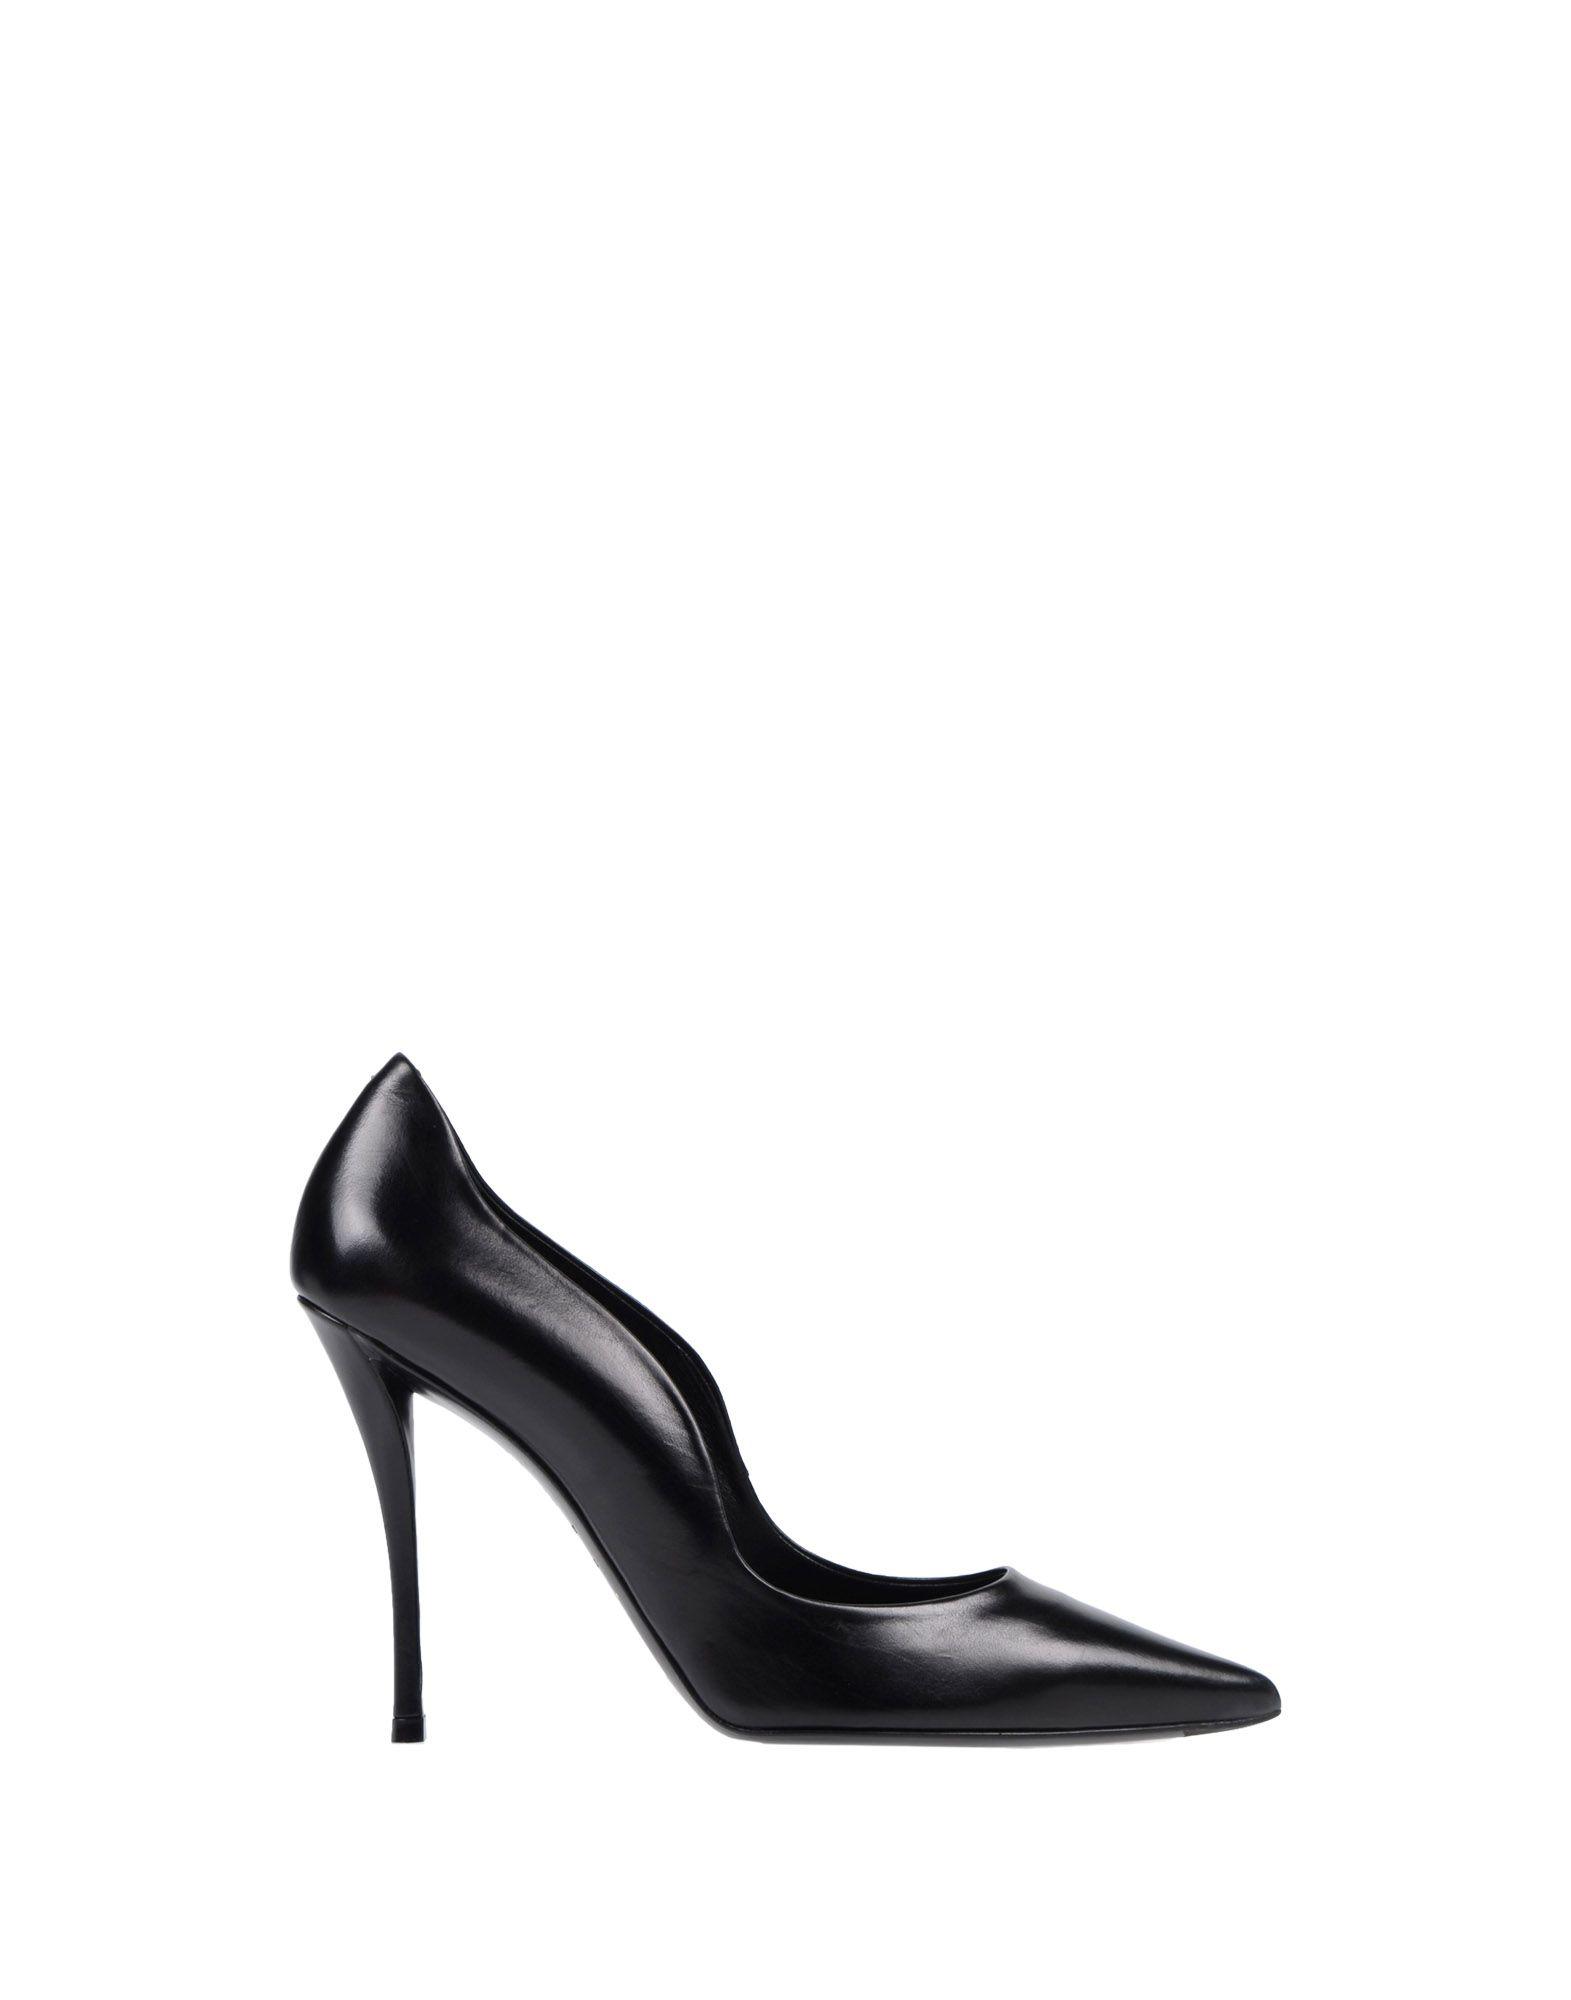 Rabatt Damen Schuhe Roger Vivier Pumps Damen Rabatt  11497430NN 0a9714